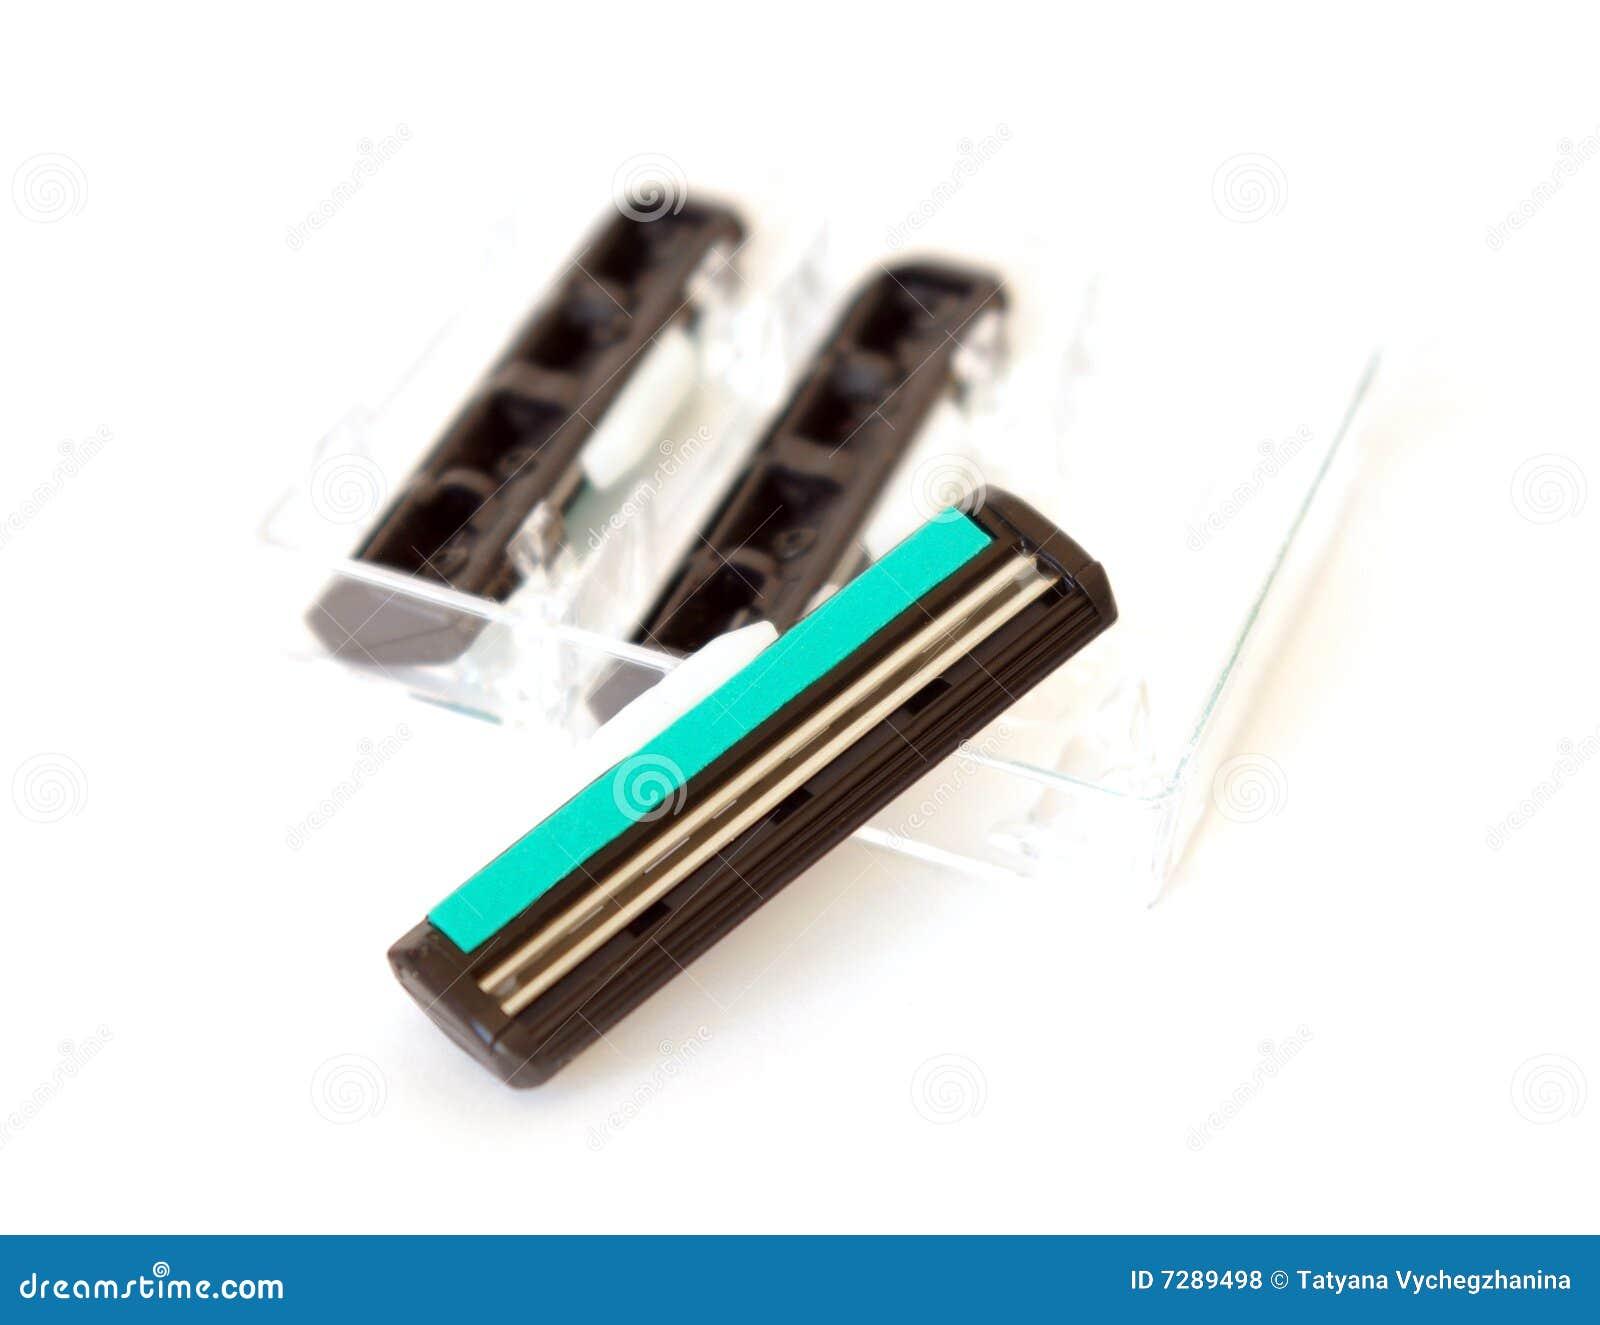 Lámina para la maquinilla de afeitar de seguridad